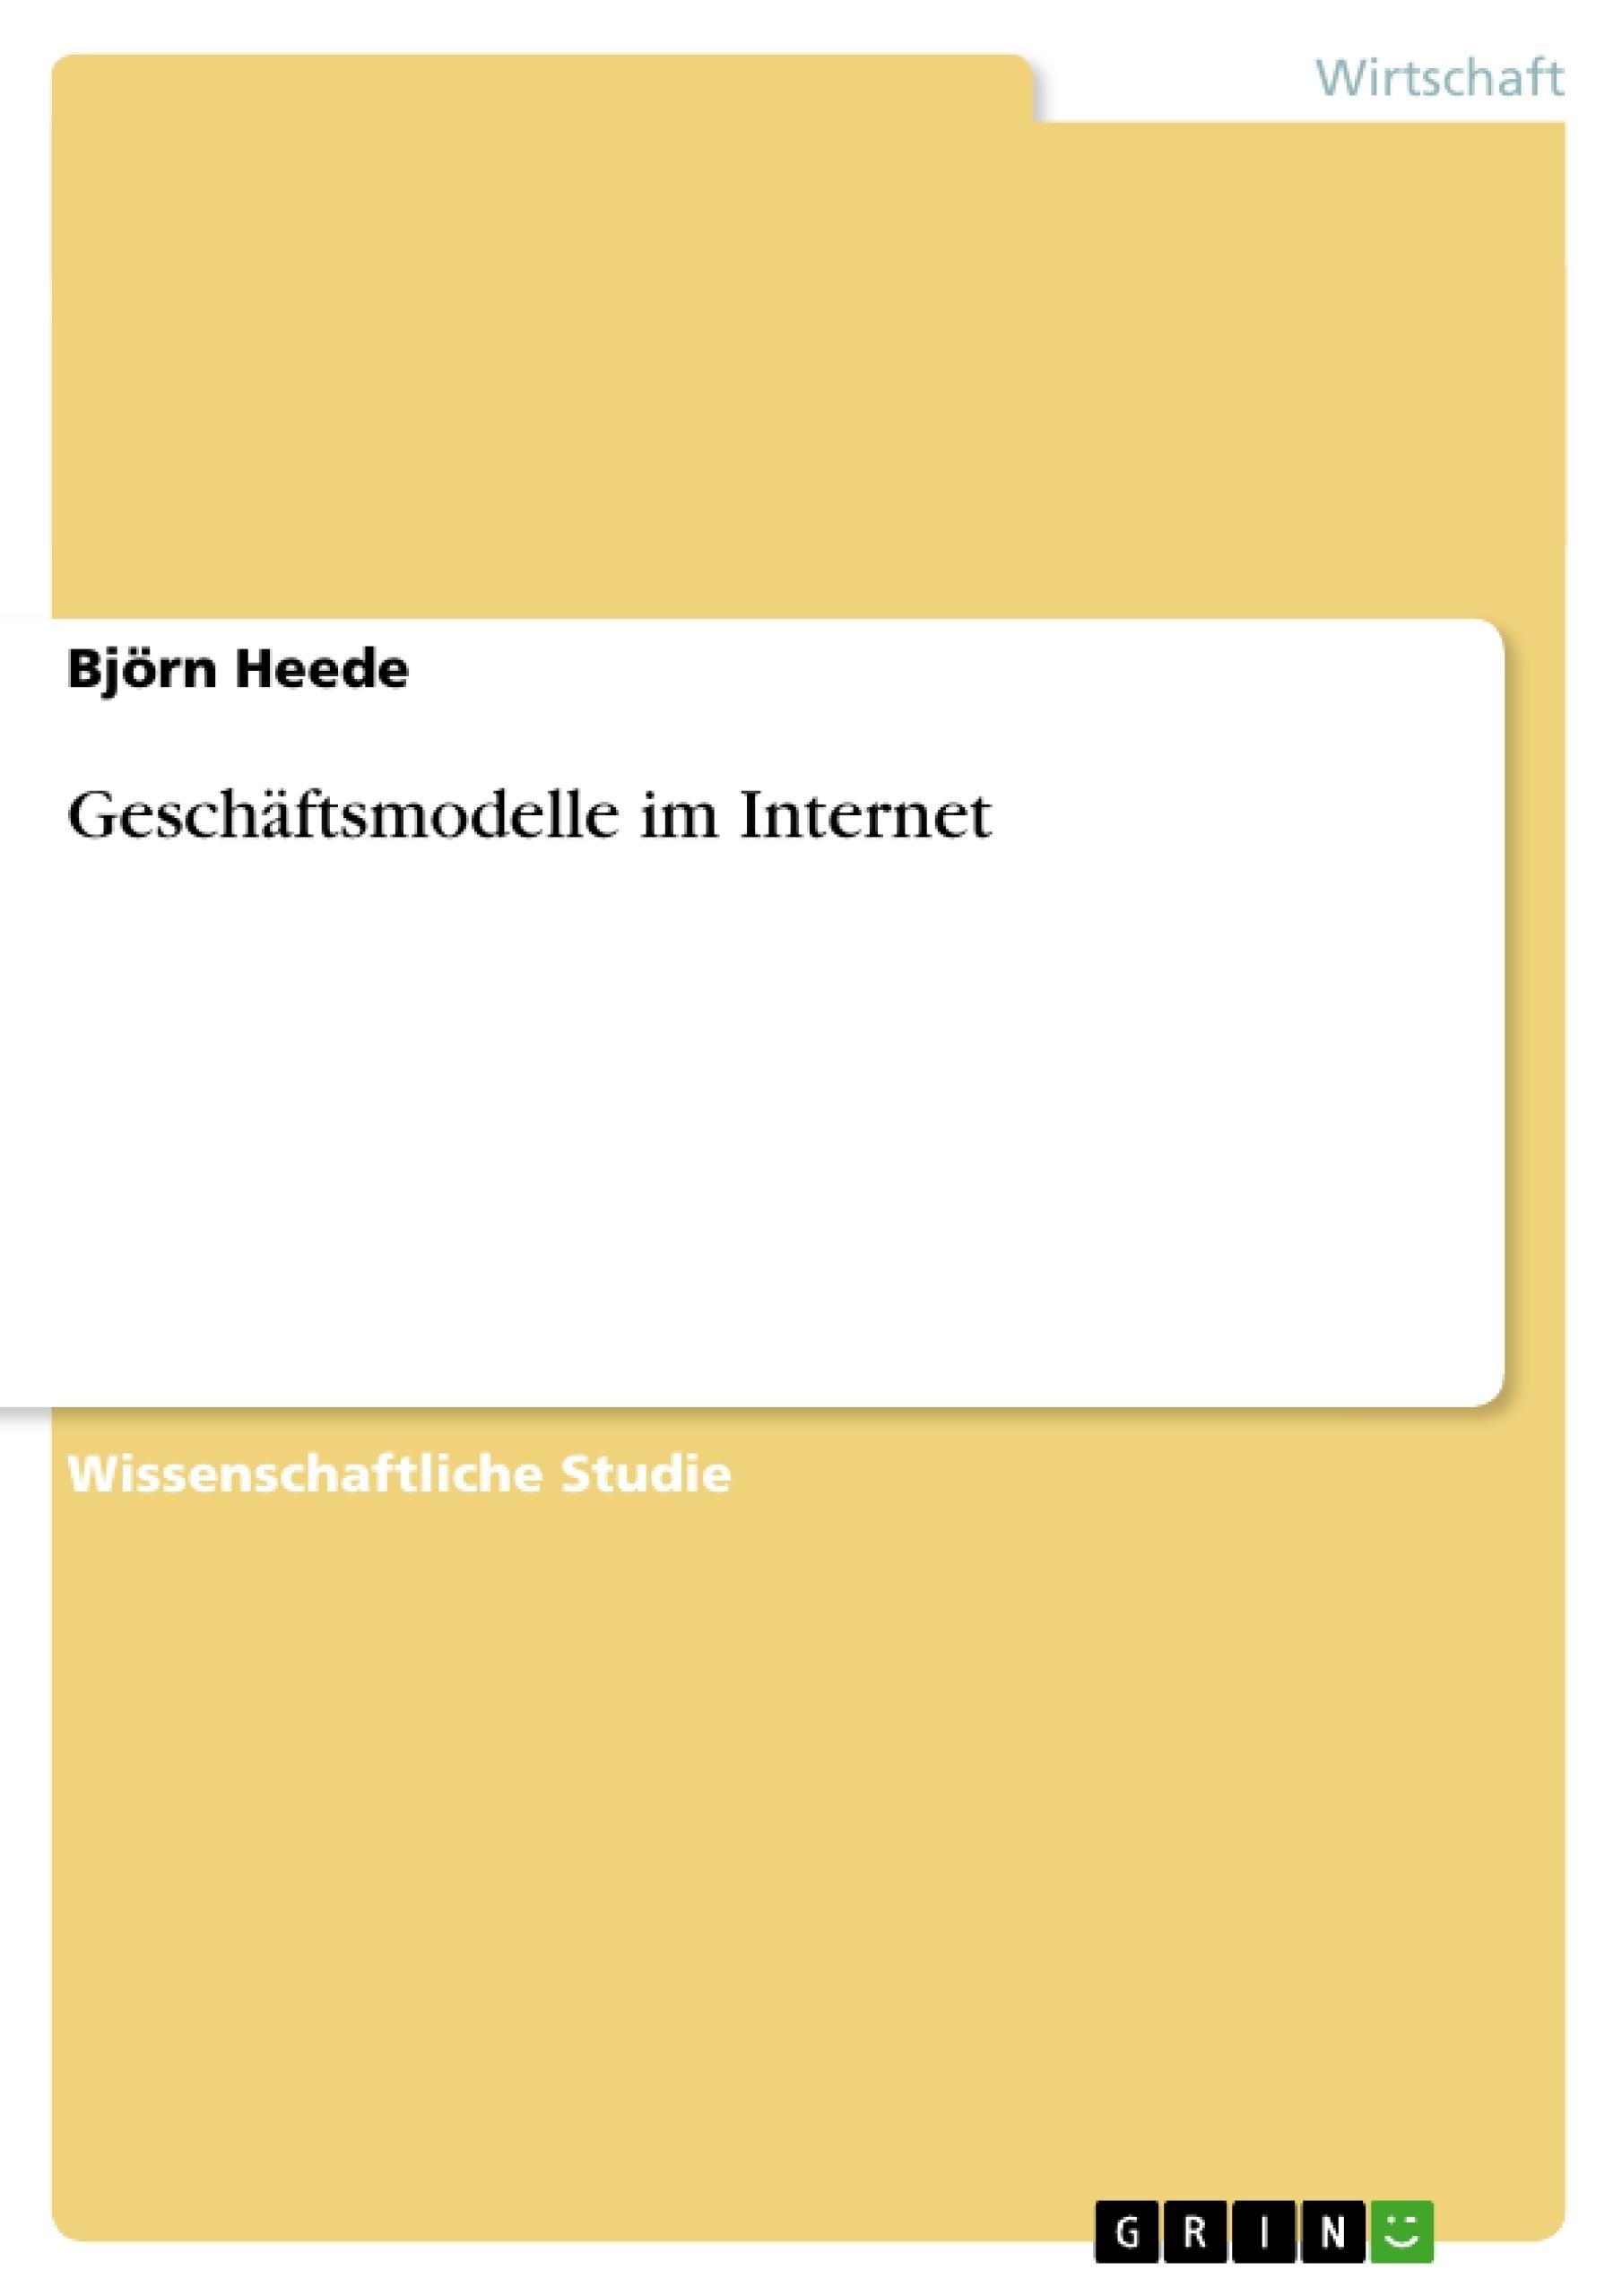 Titel: Geschäftsmodelle im Internet